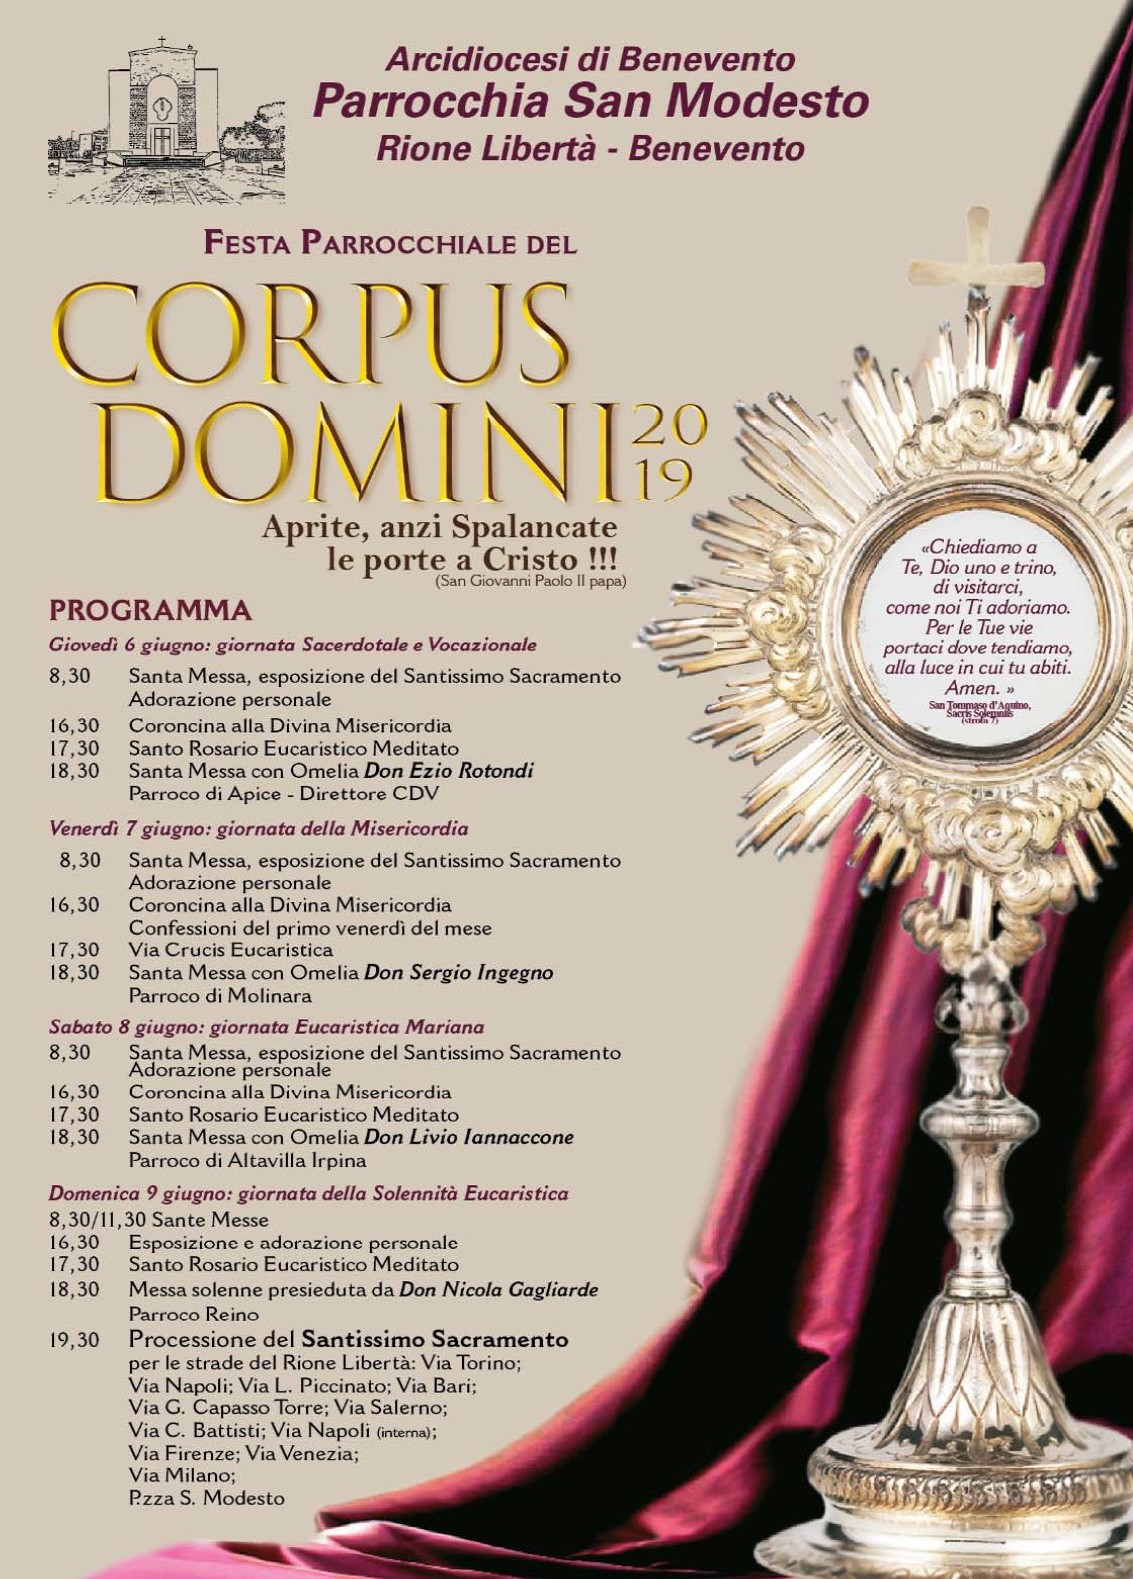 Celebrazione del rito del Corpus Domini alla parrocchia San Modesto di Benevento